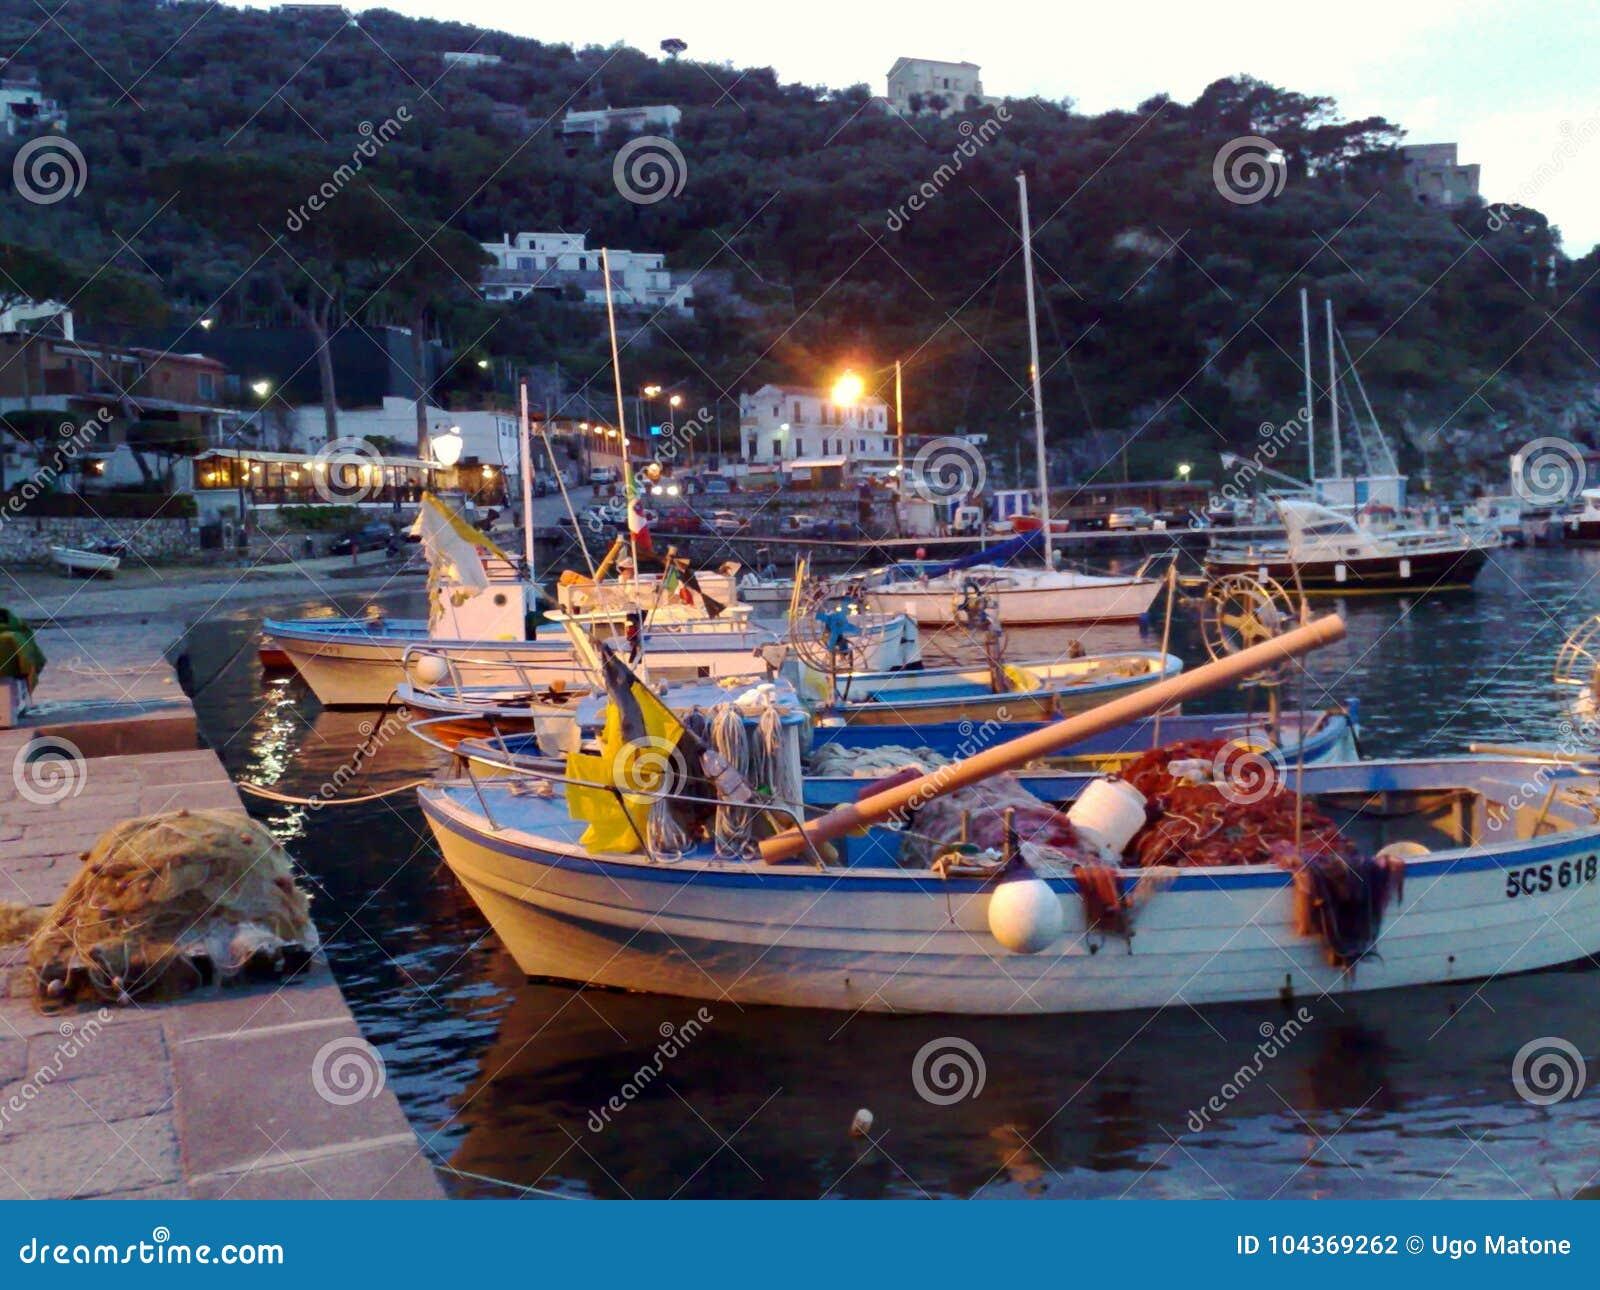 Der Hafen von Massalubrense